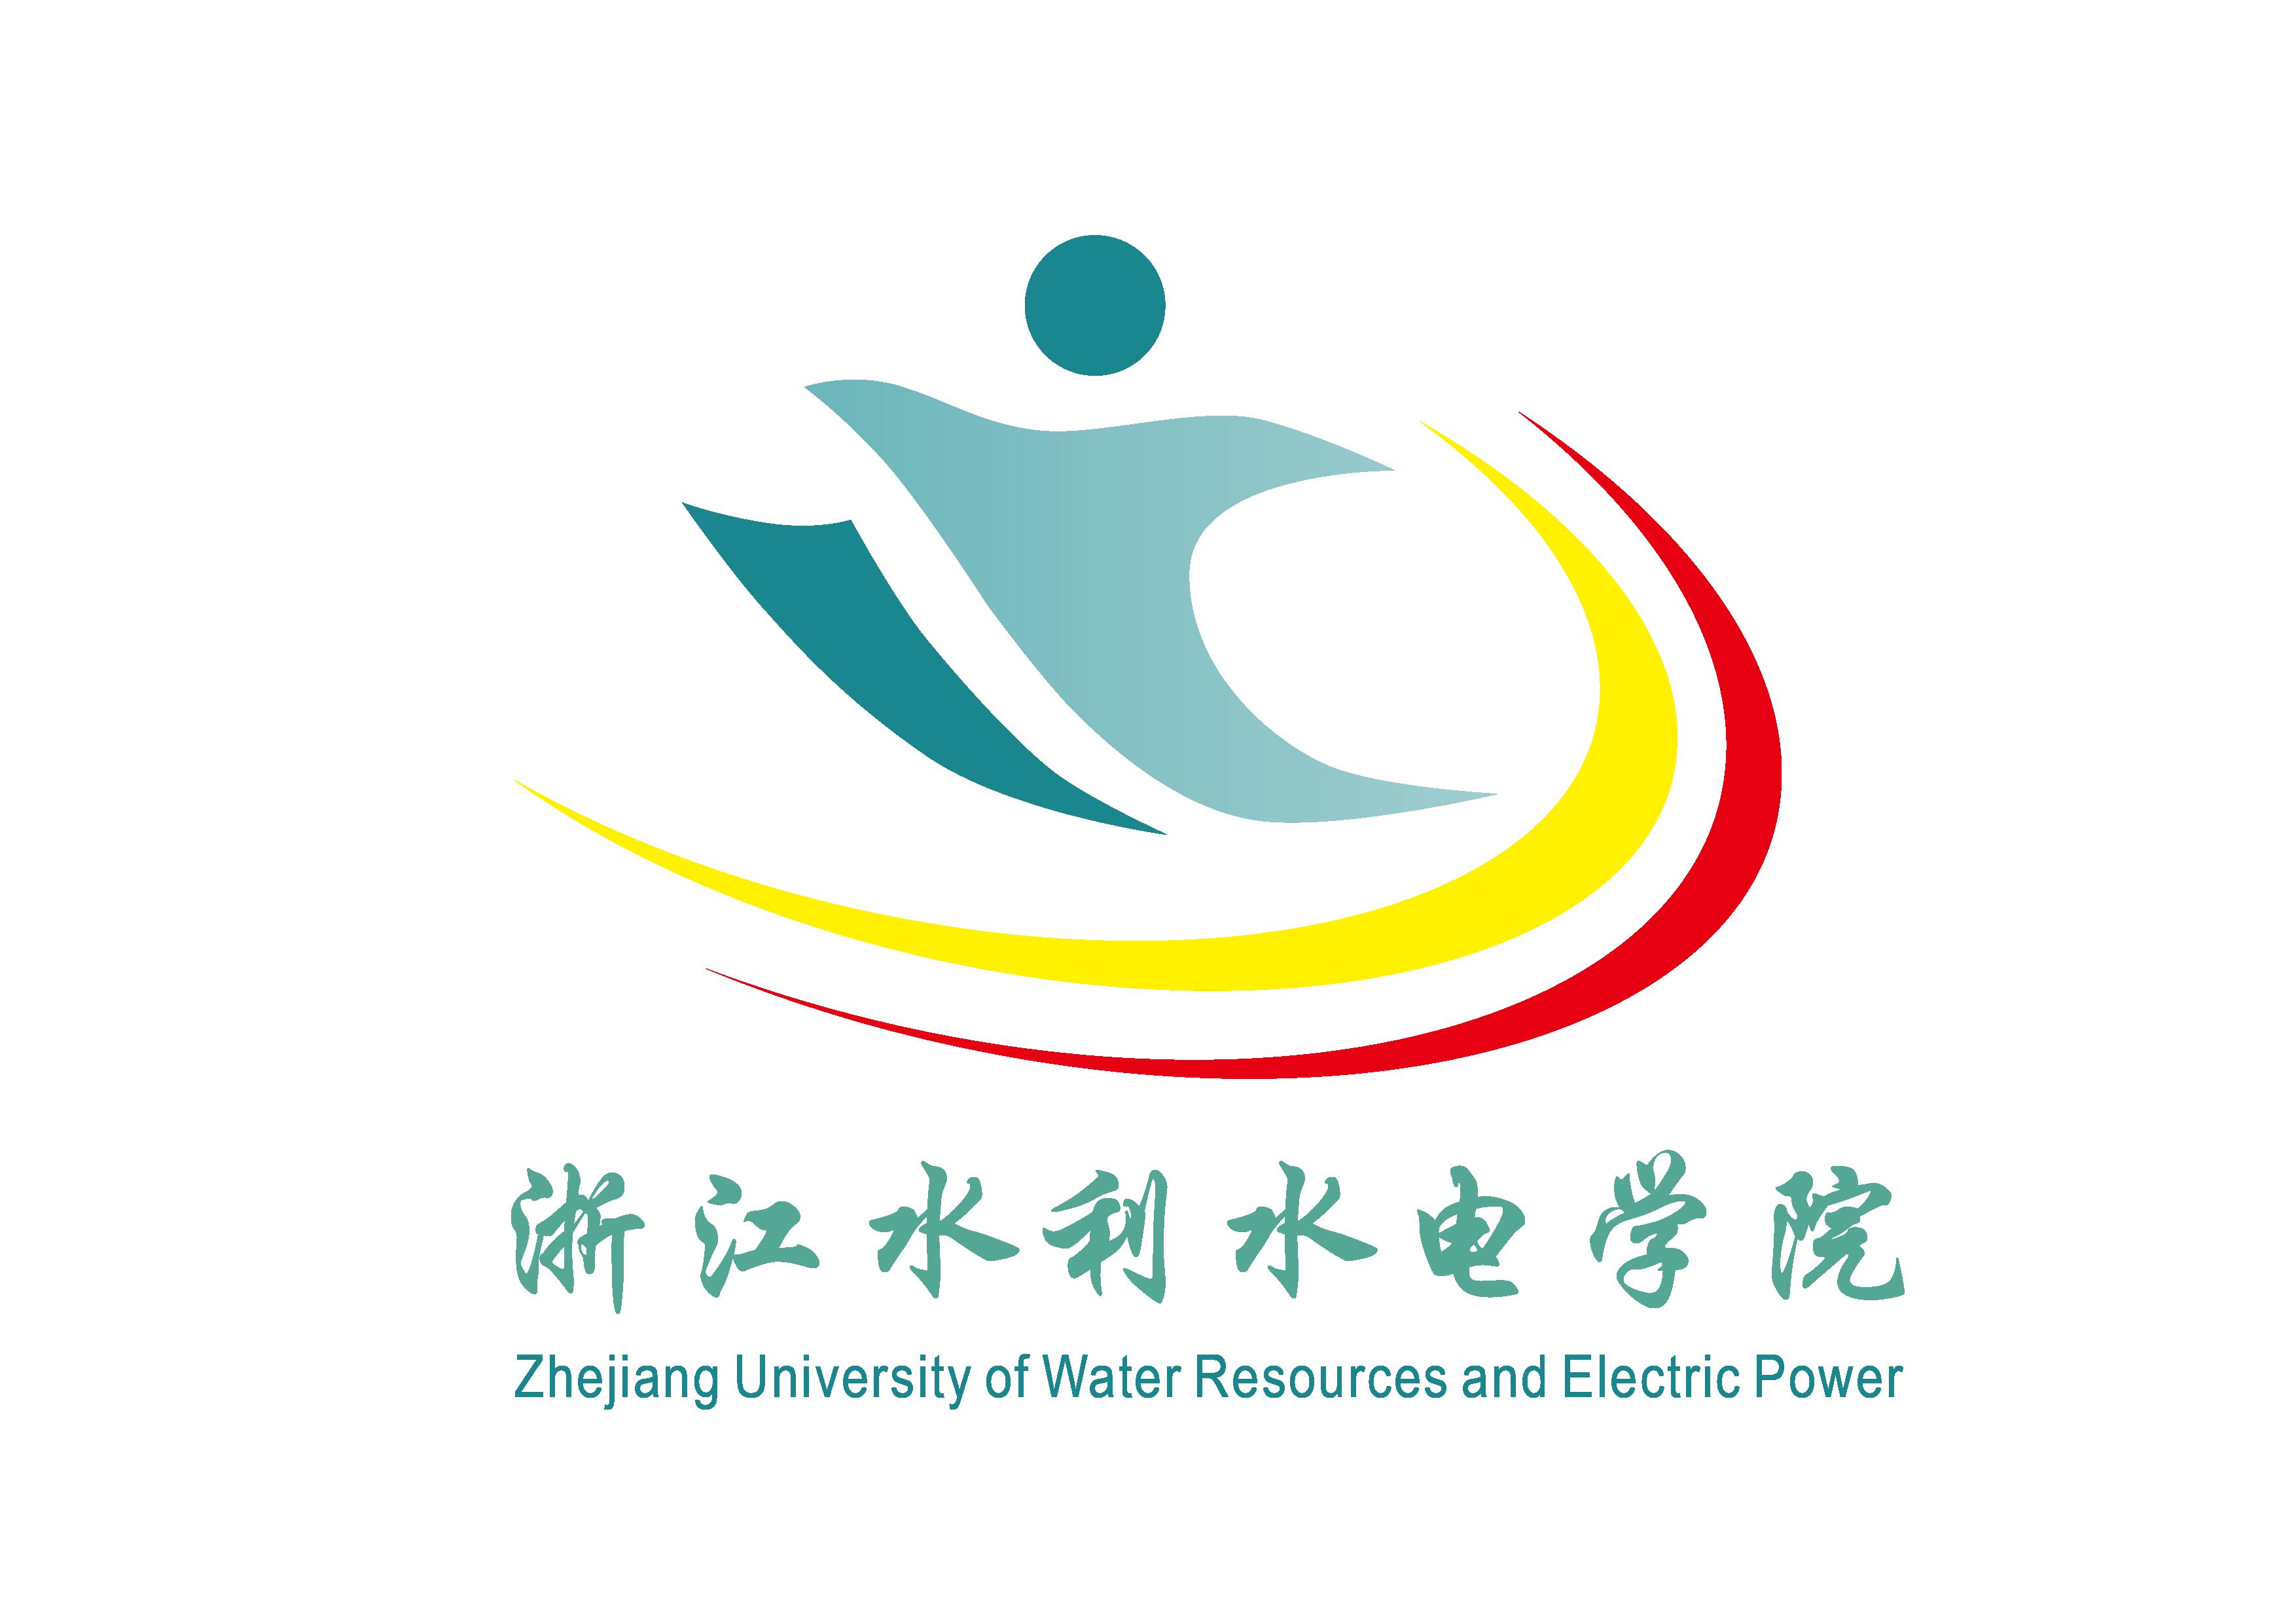 学校运动会logo设计